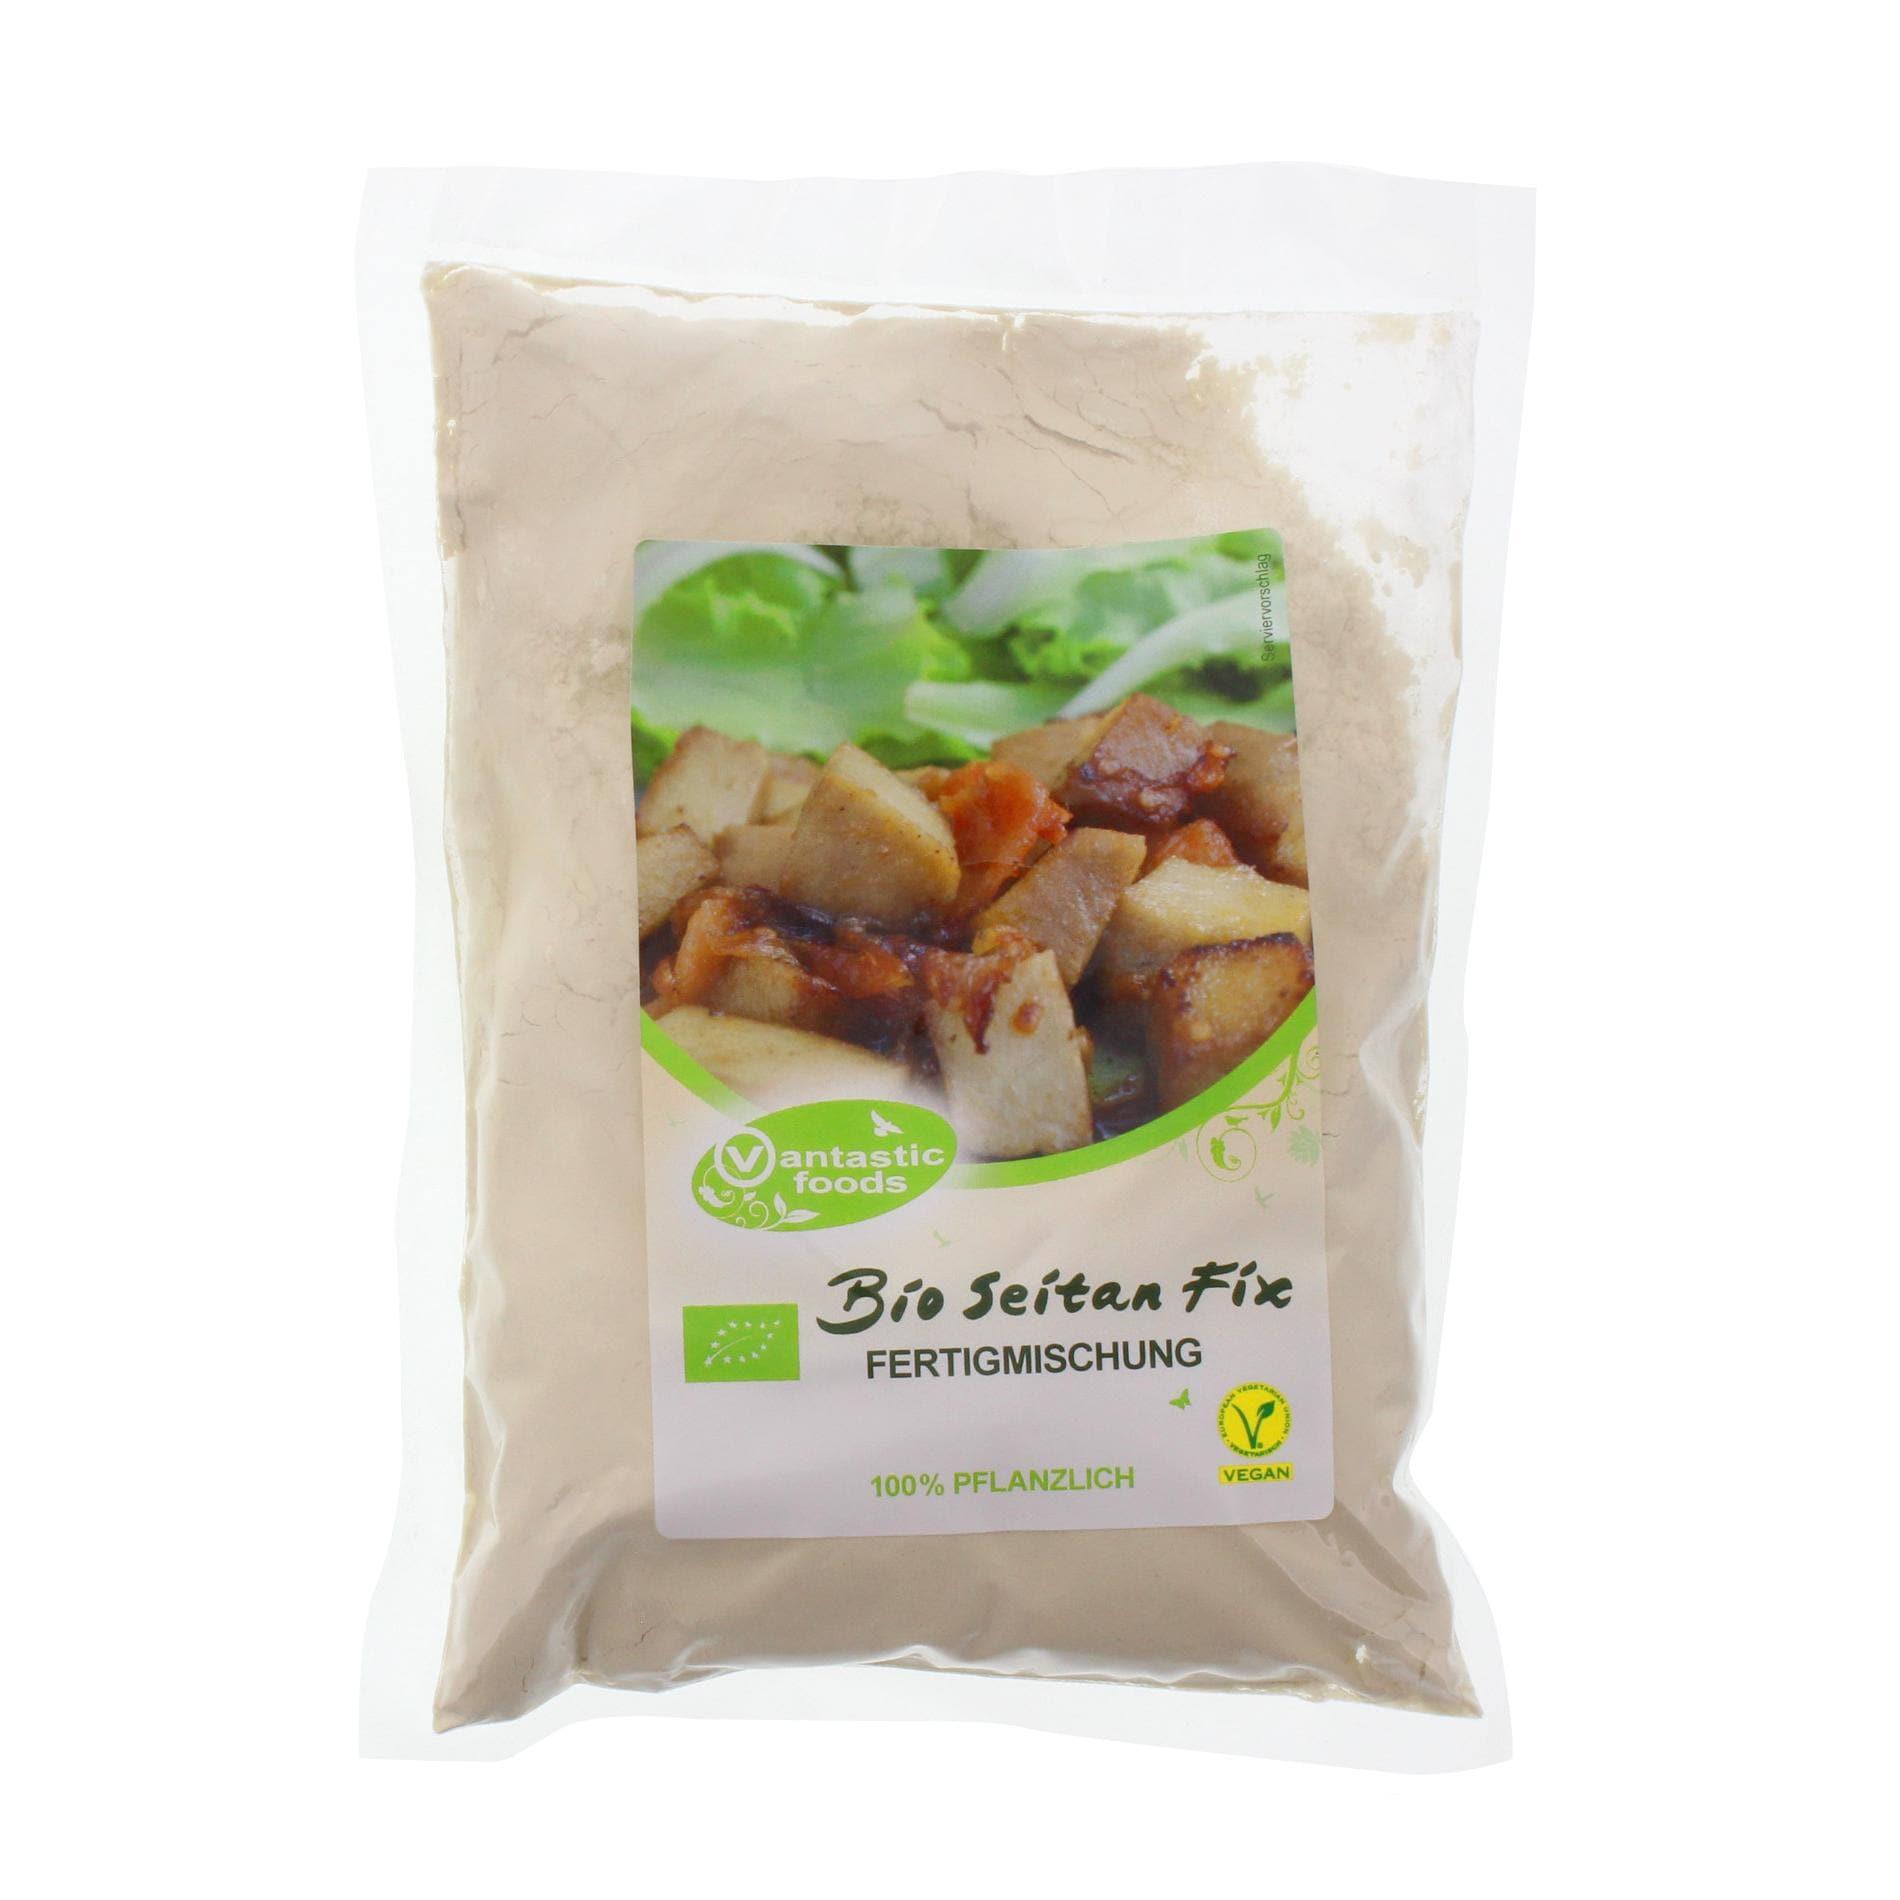 Vantastic foods Bio Seitan Fix Fertigmischung 250g